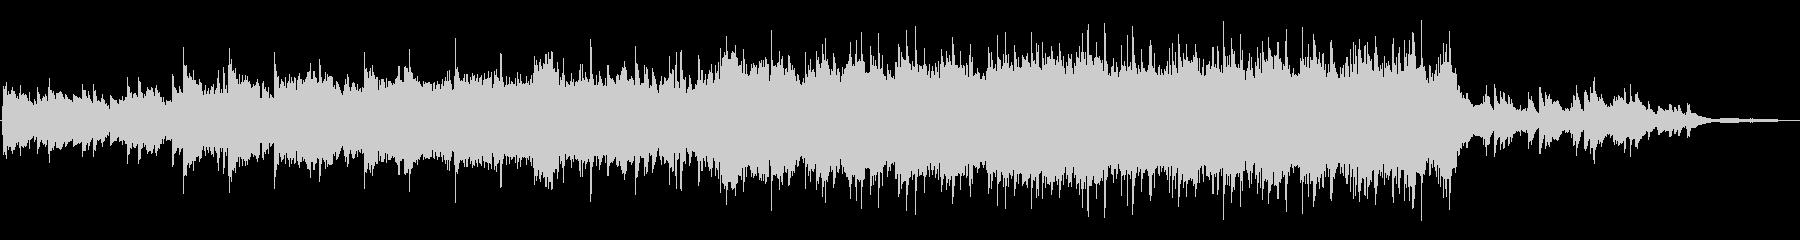 VP系12E、感動的ピアノ&オーケストラの未再生の波形